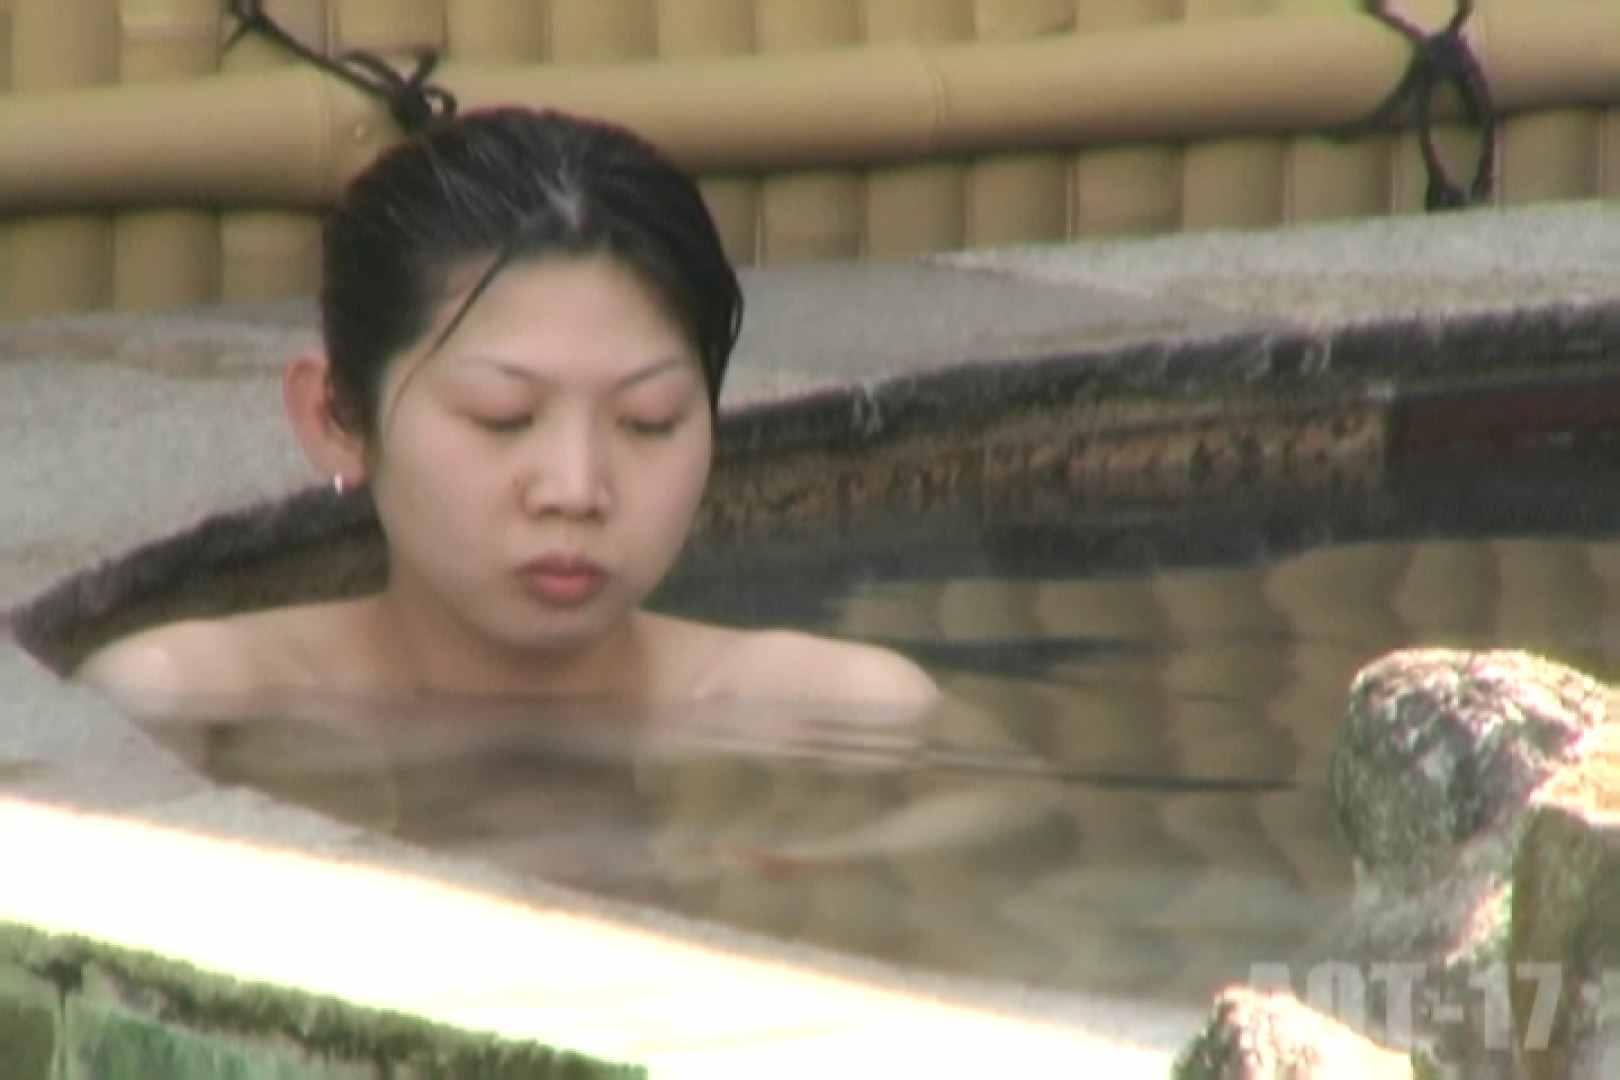 Aquaな露天風呂Vol.850 盗撮シリーズ  88PIX 86